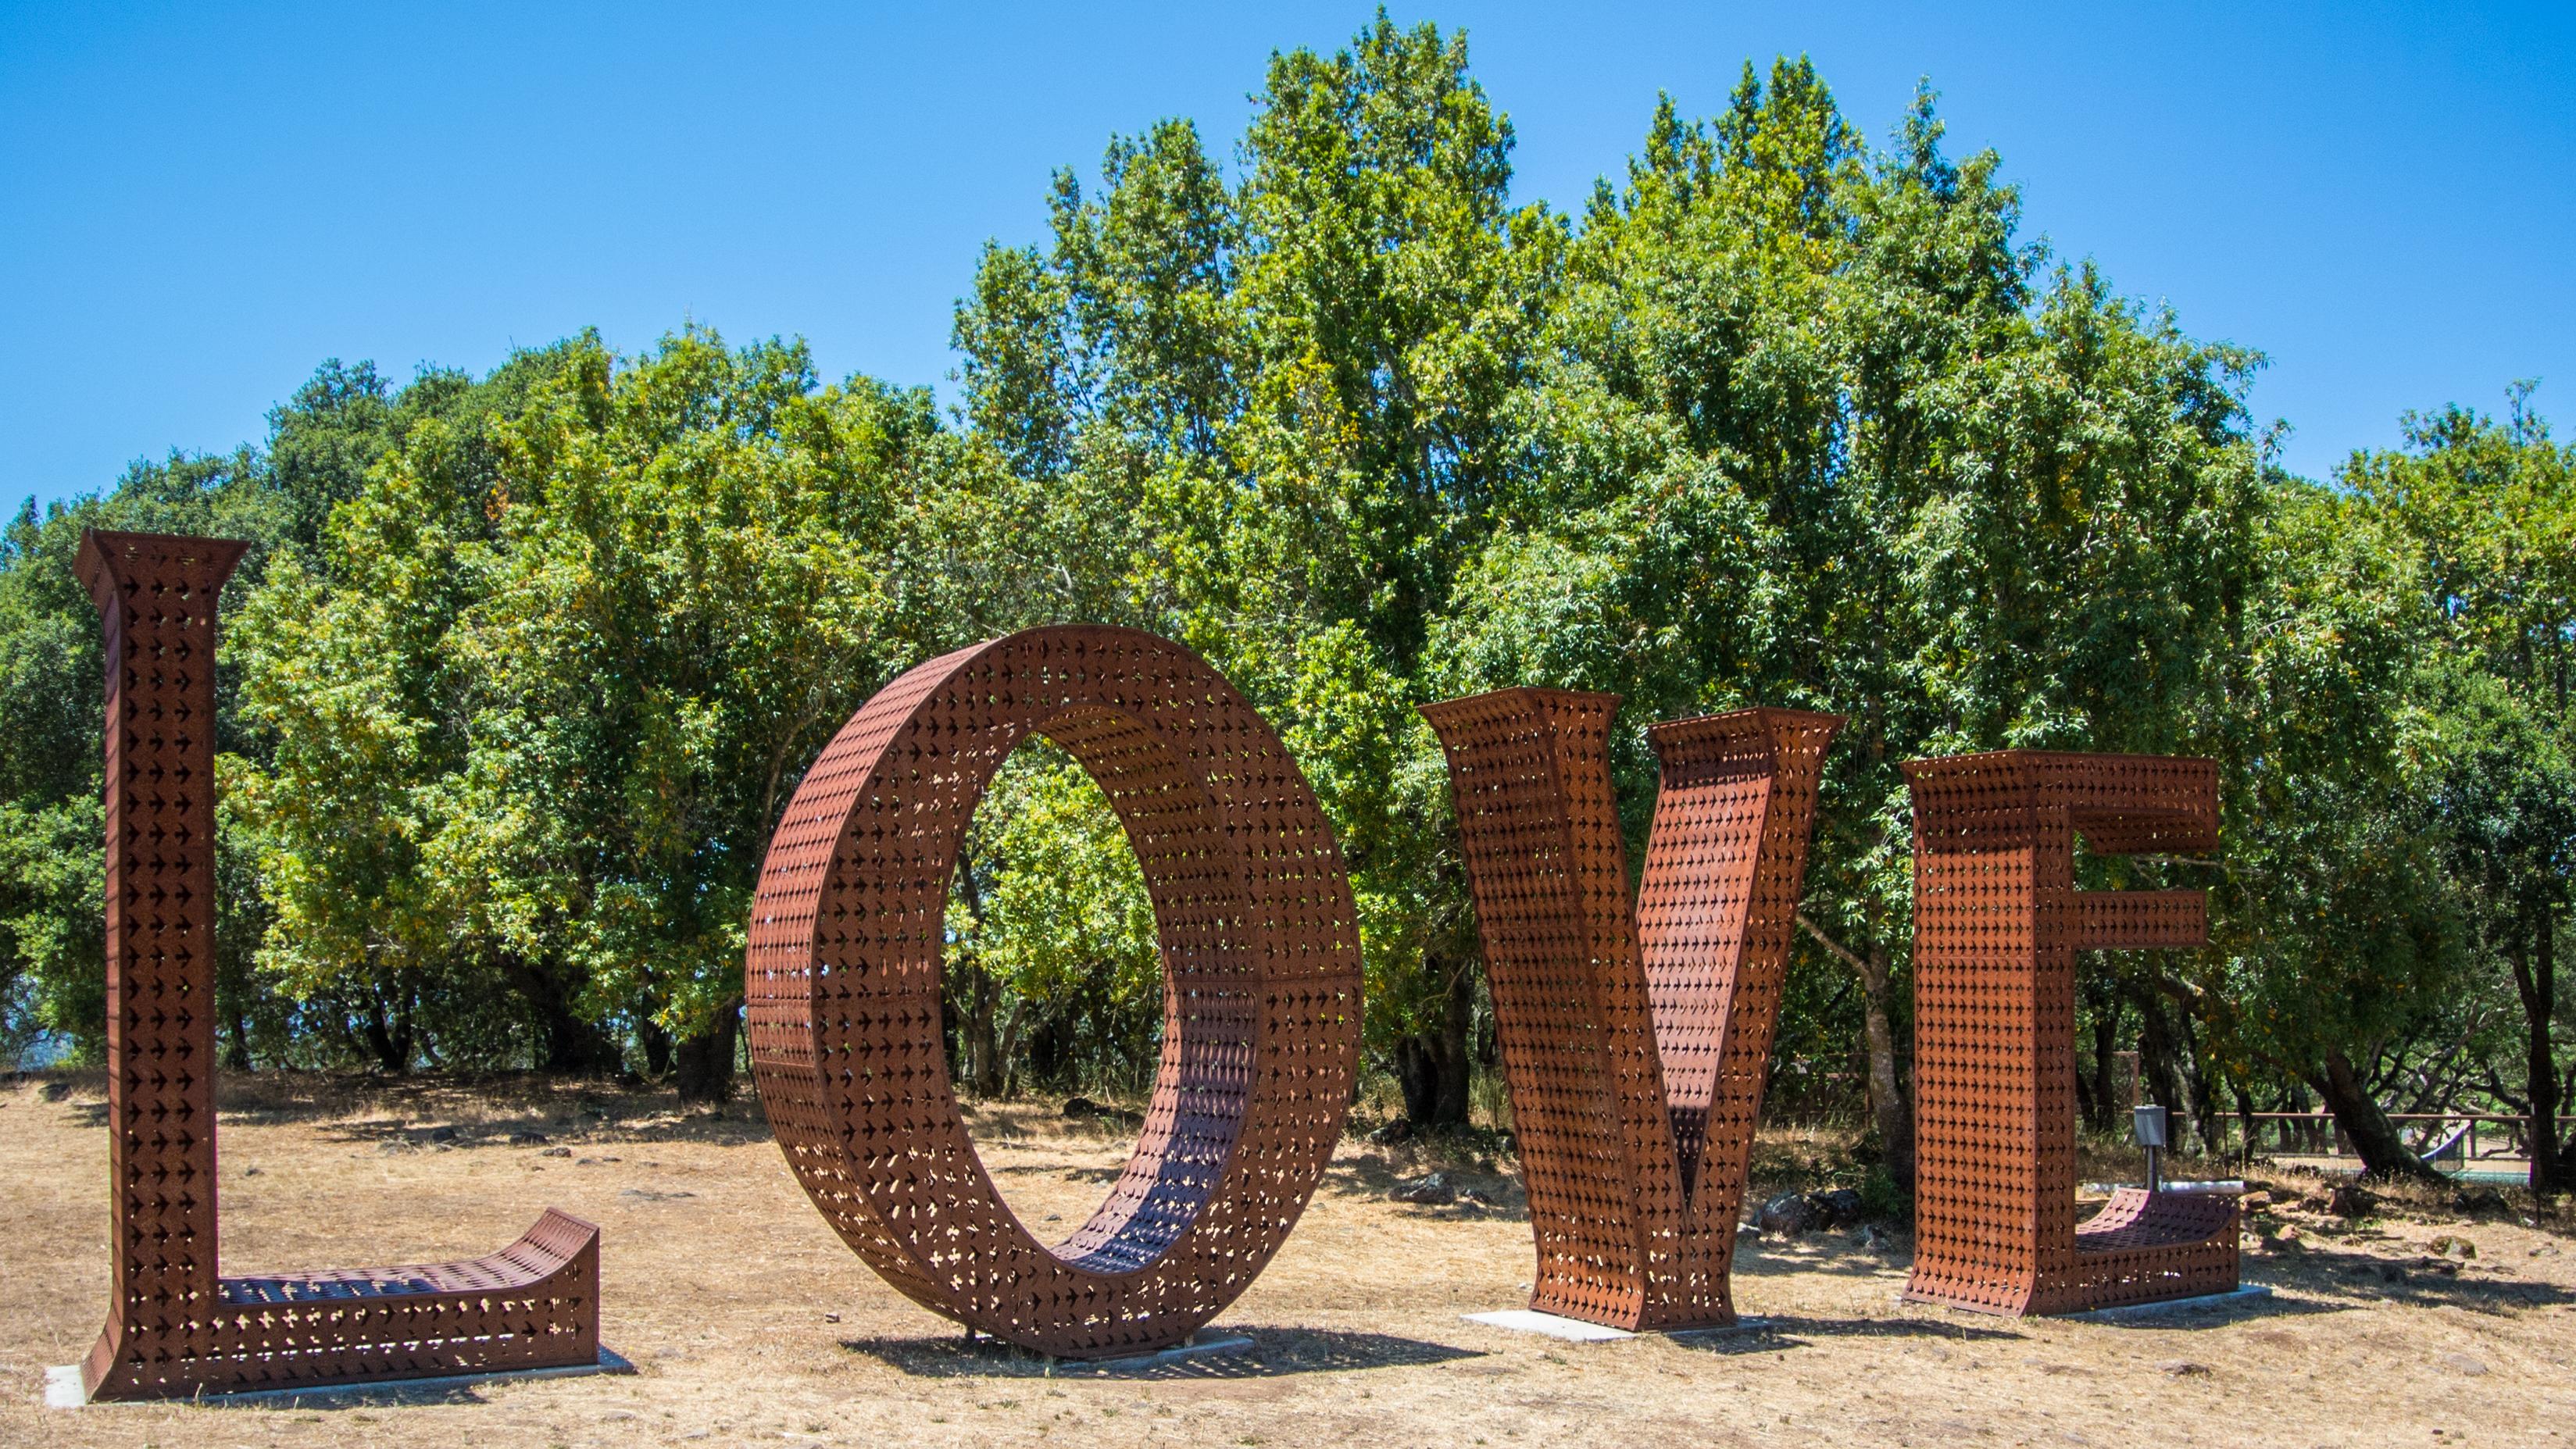 Dating for singles in santa rosa california